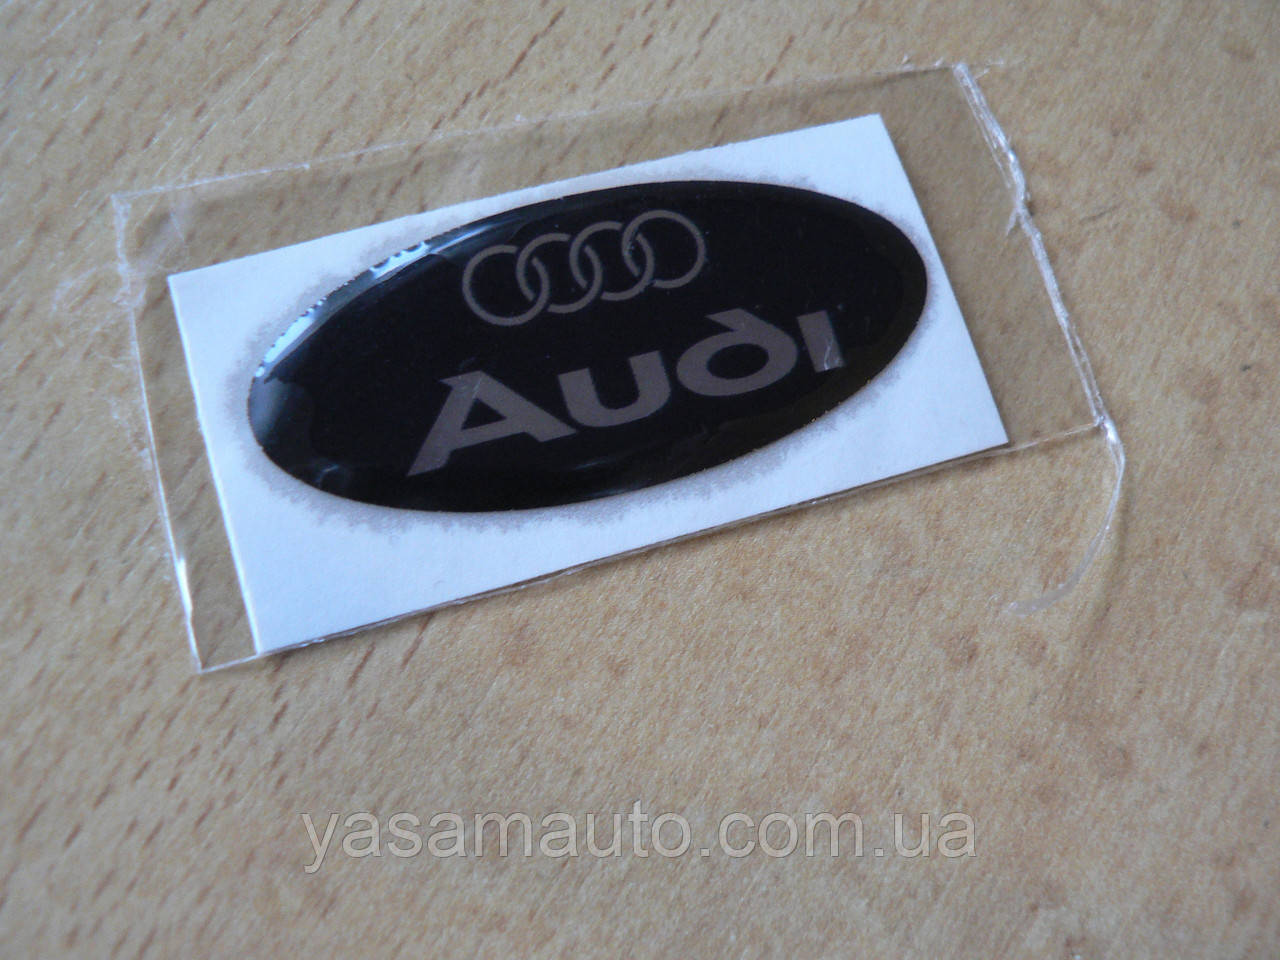 Наклейка s надпись овал AUDI 45х20х1.2мм силиконовая эмблема логотип марка бренд на авто Ауди серебристая